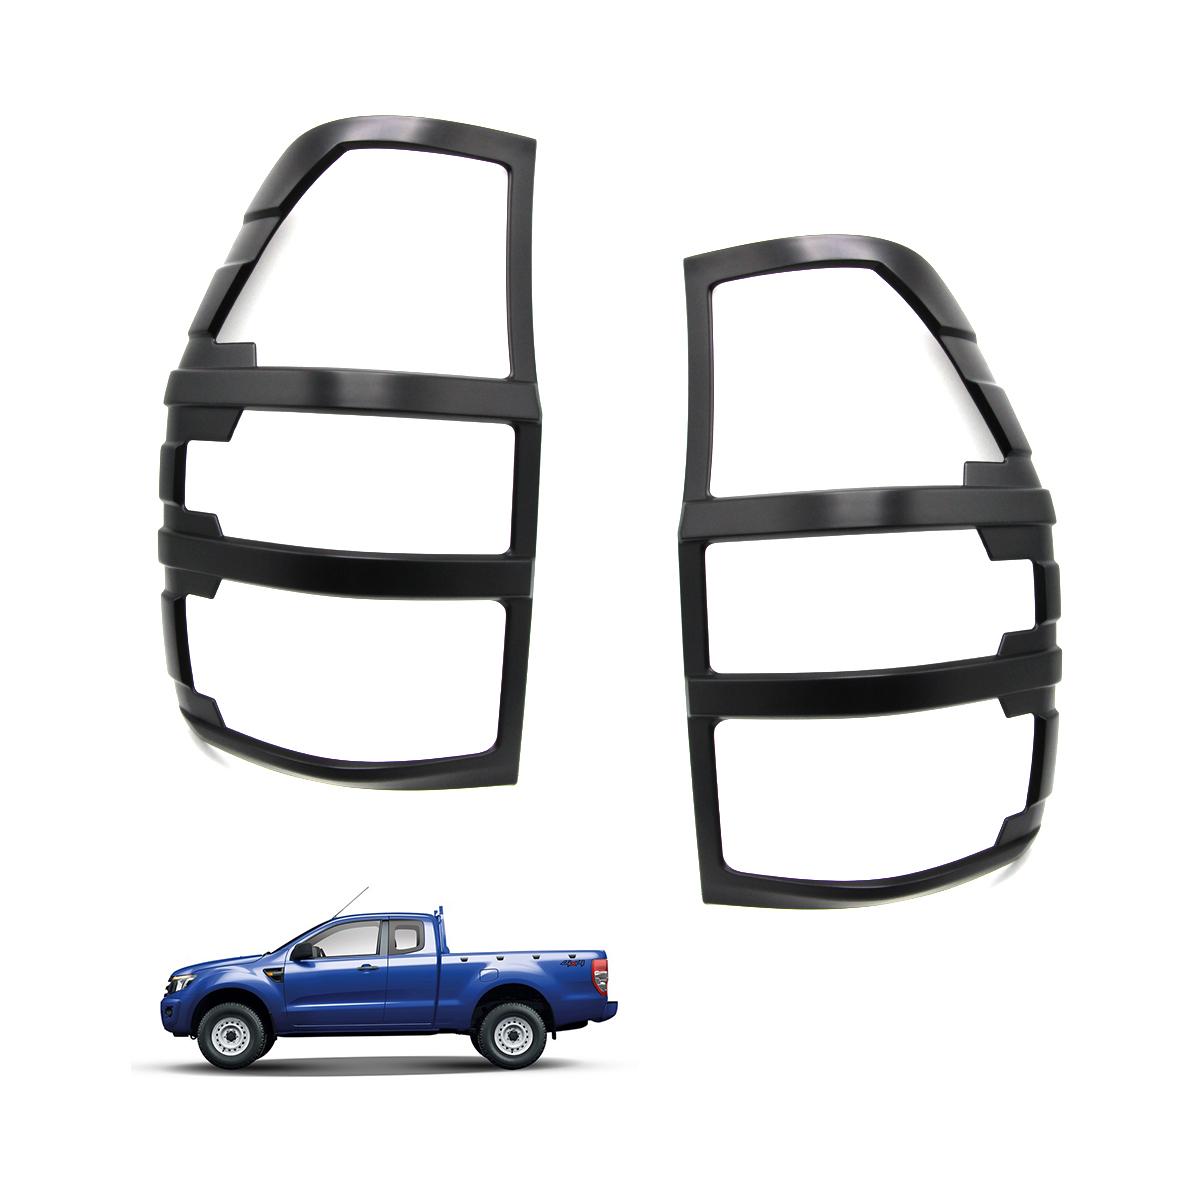 Matte Black Tail Lamp Lights Cover Trim For Ford Ranger T6 Mk2 Facelift 2016-on